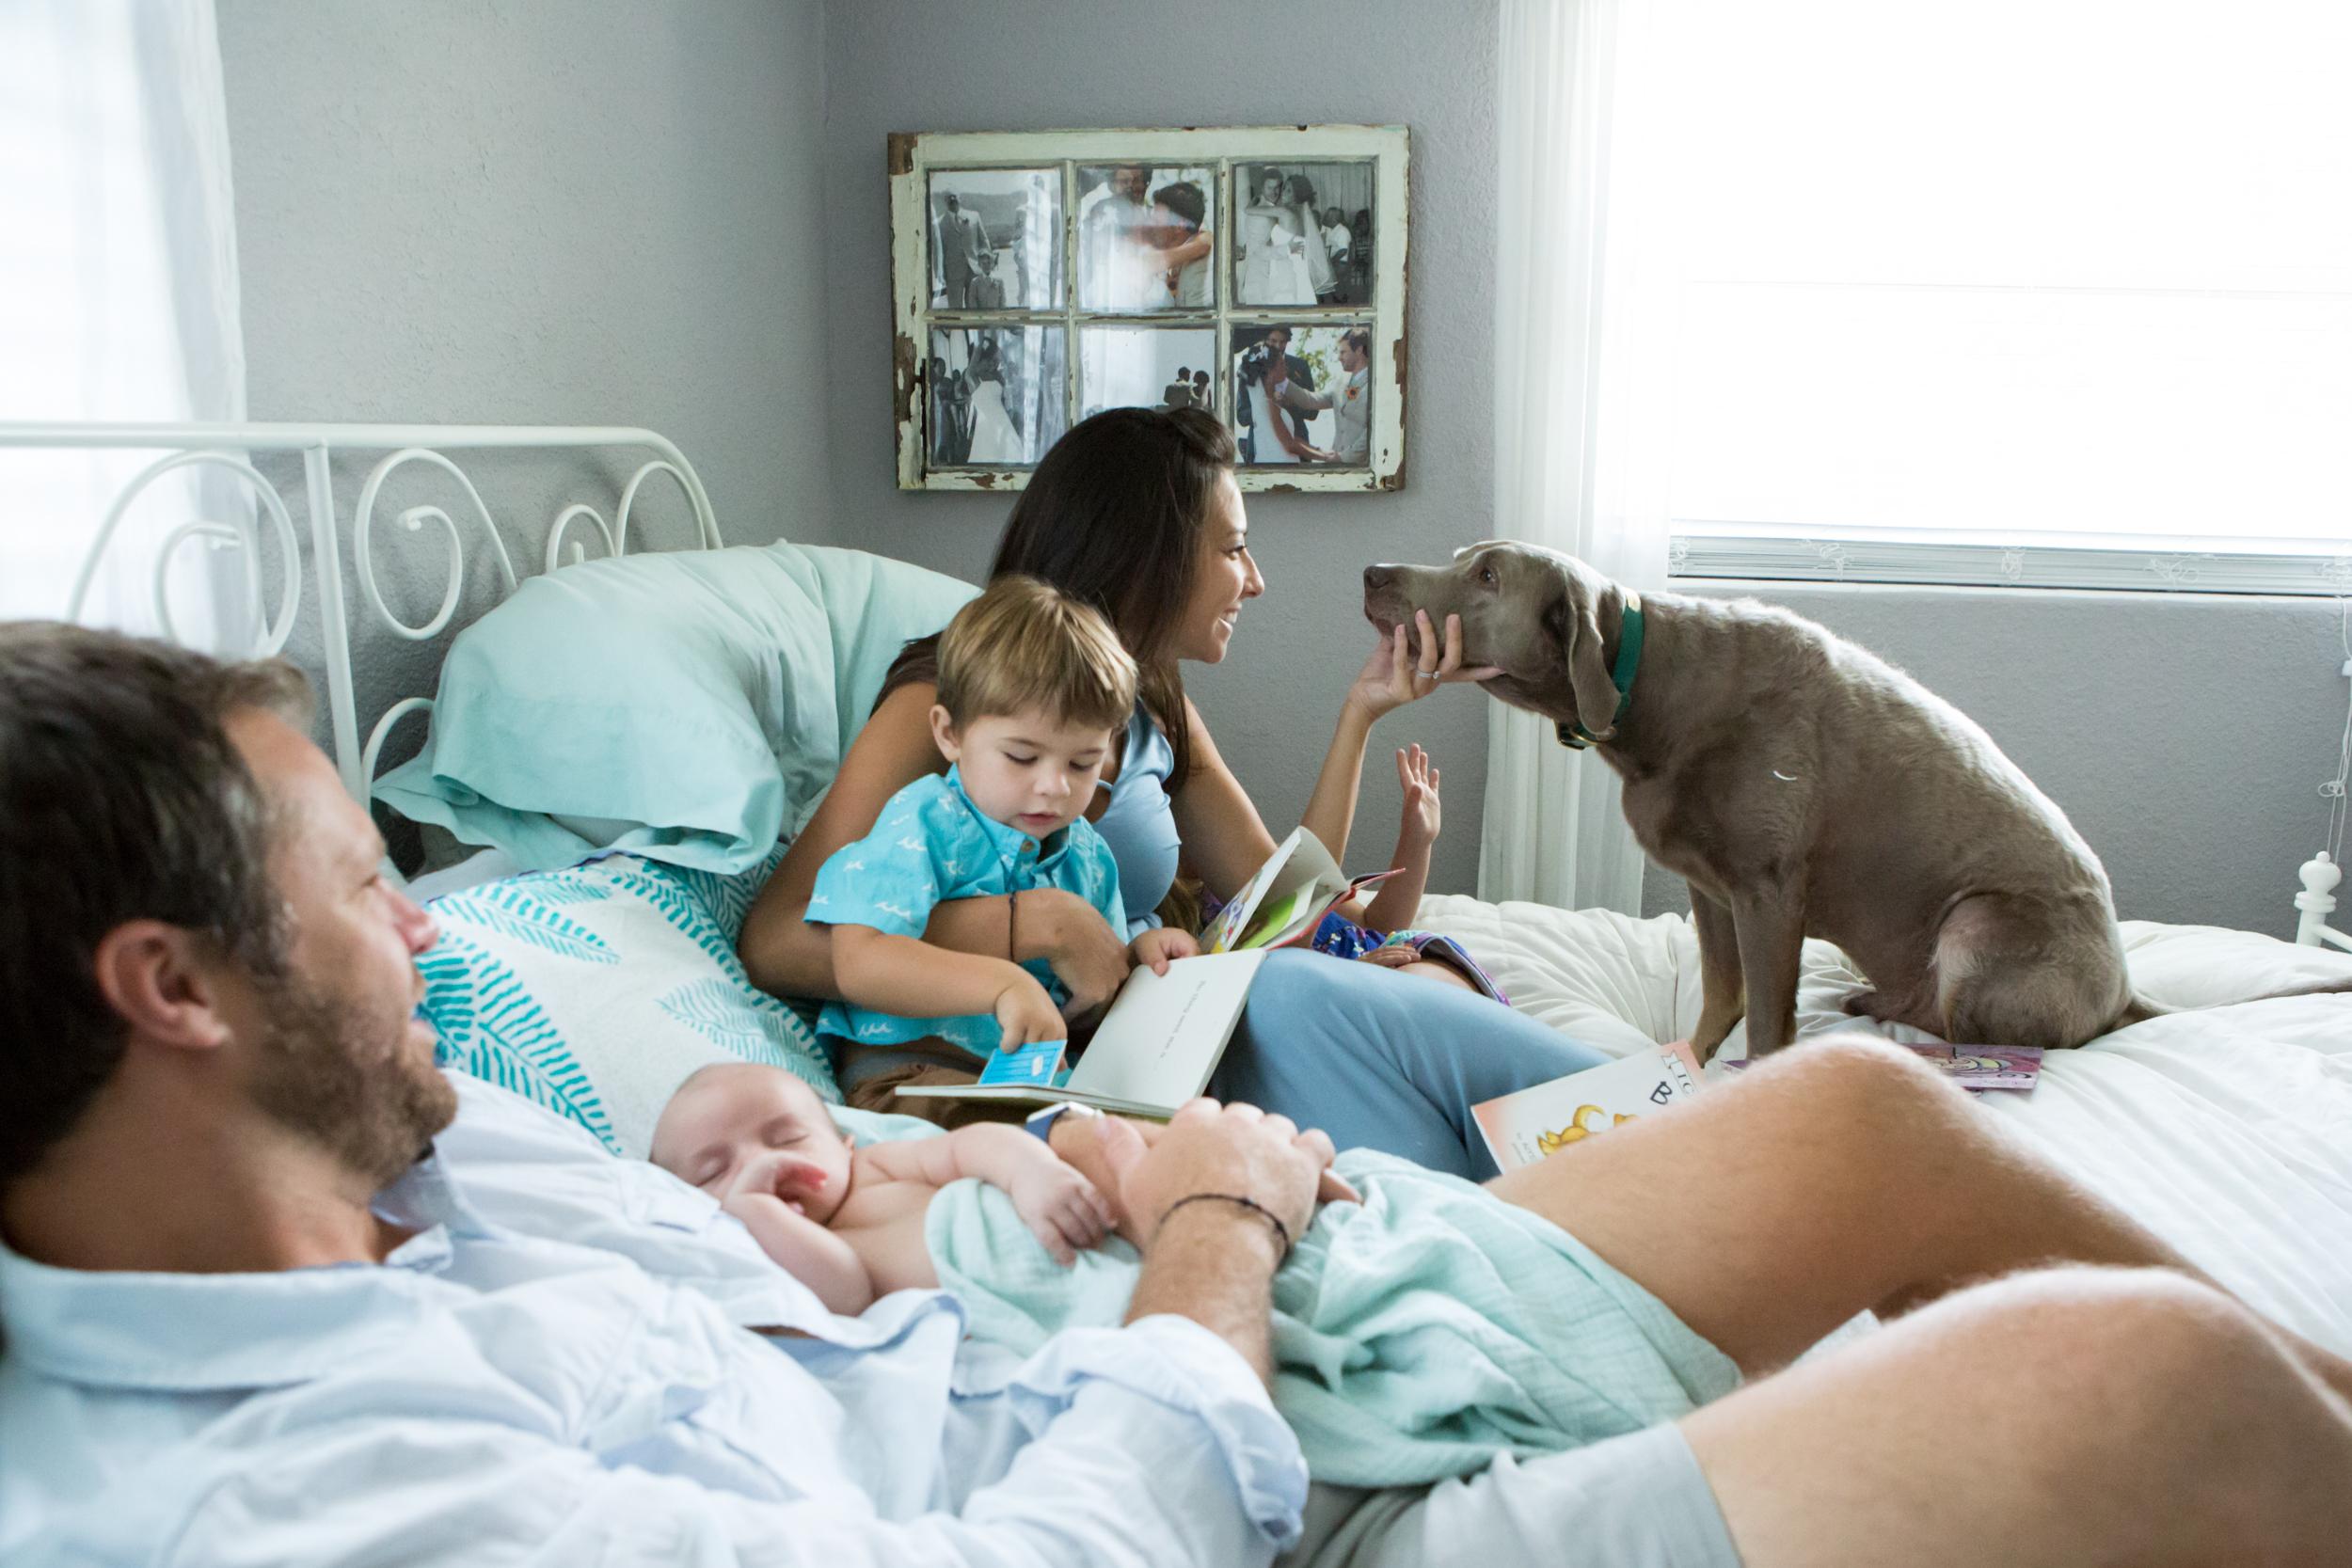 jacksonville-newborn-photographer-27.jpg